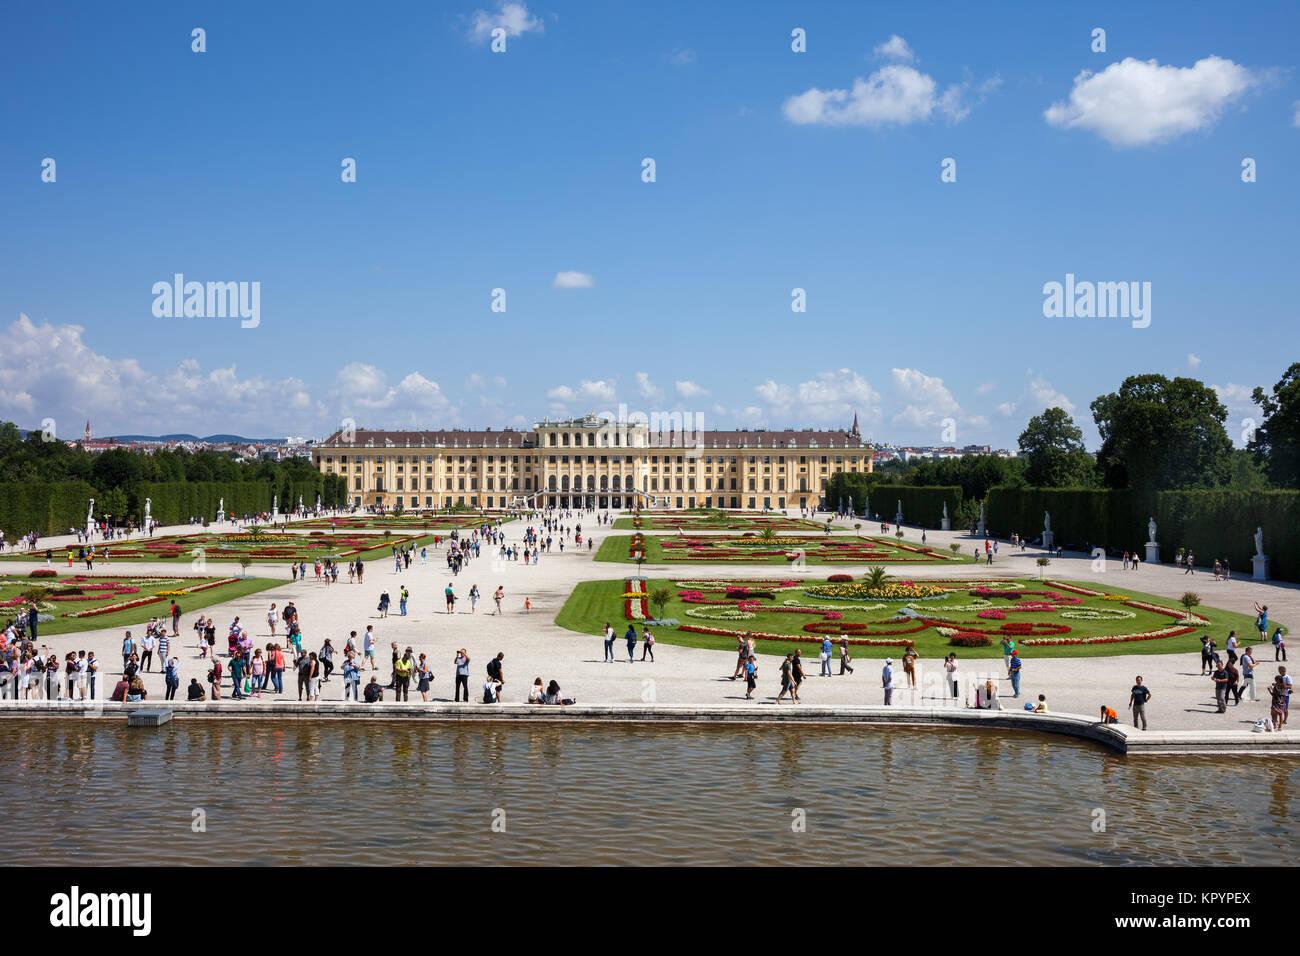 Palacio de Schonbrunn, residencia de verano imperial y el jardín barroco, la ciudad de Viena, Austria, Europa Imagen De Stock